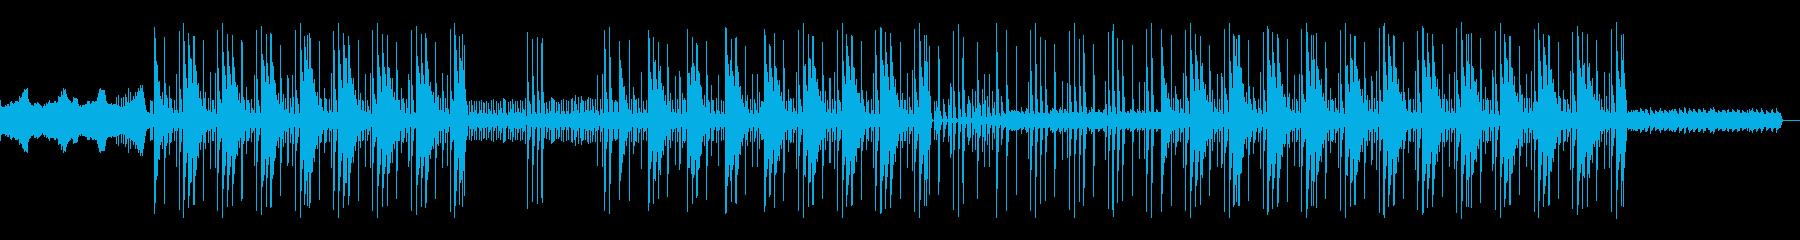 怪しい洋楽トラップビートの再生済みの波形